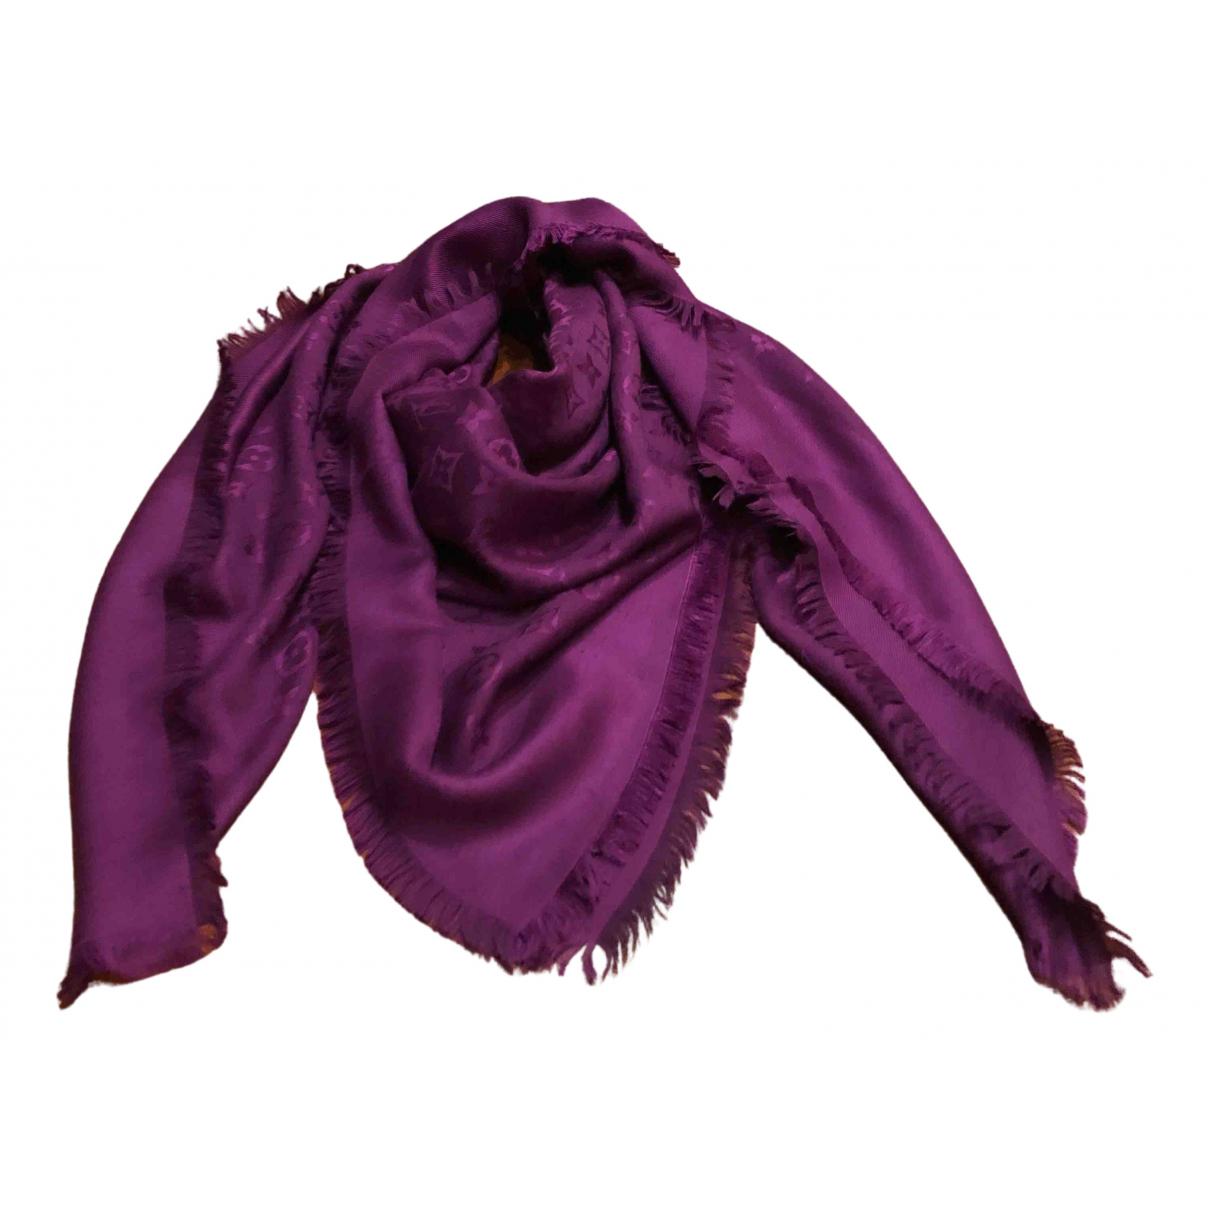 Louis Vuitton - Foulard Chale Monogram pour femme en soie - violet